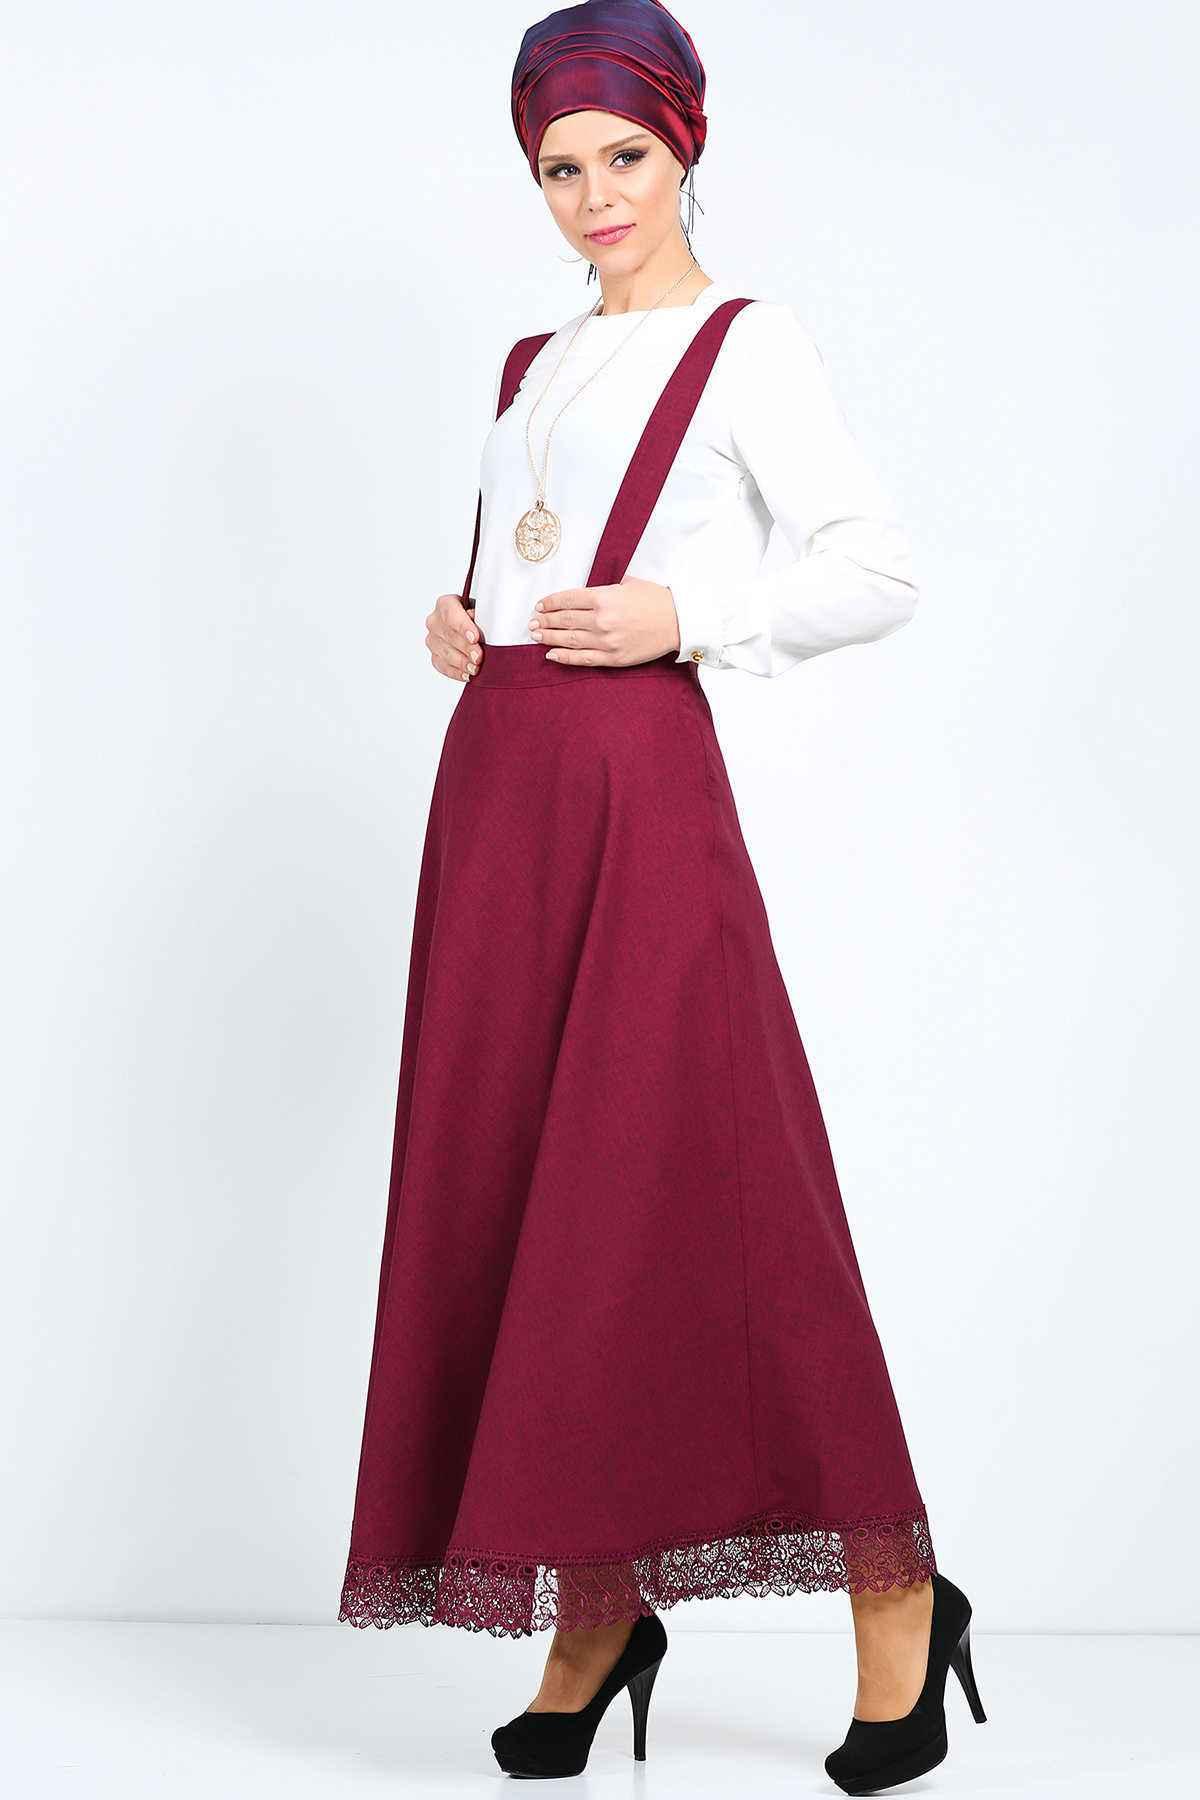 Dantelli Tesettür Bahçıvan Elbise Modelleri